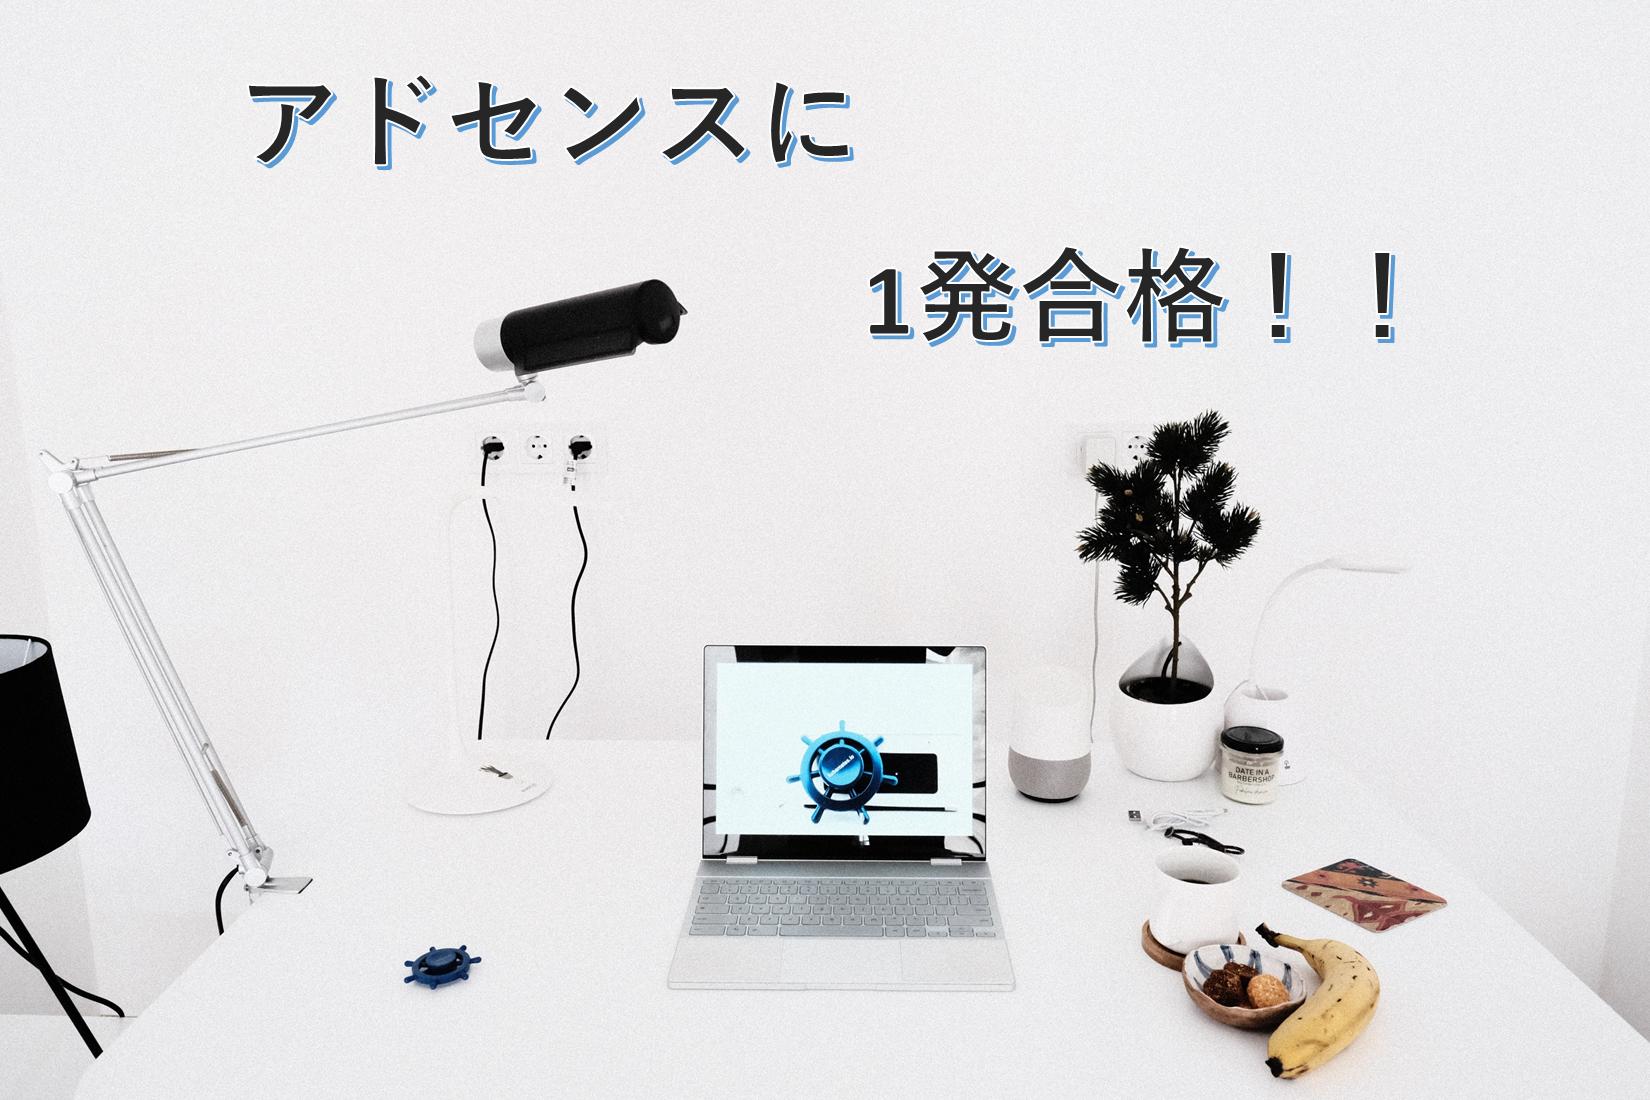 アドセンス審査合格までのブログ初心者の道のり【1発合格】